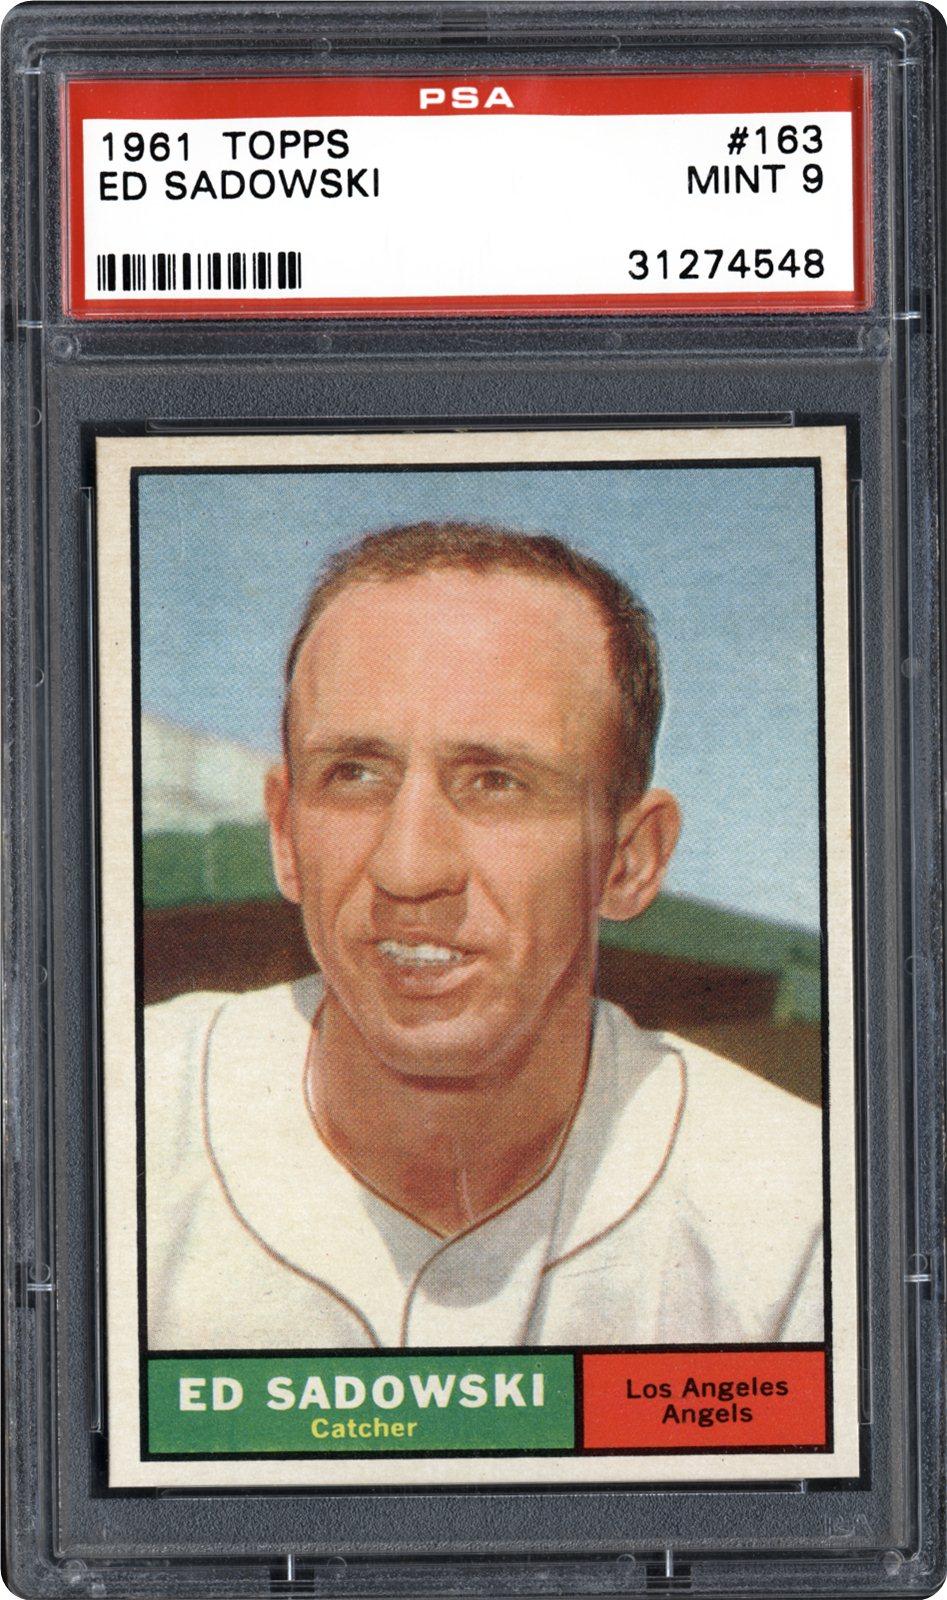 1961 Topps 163 Ed Sadowski